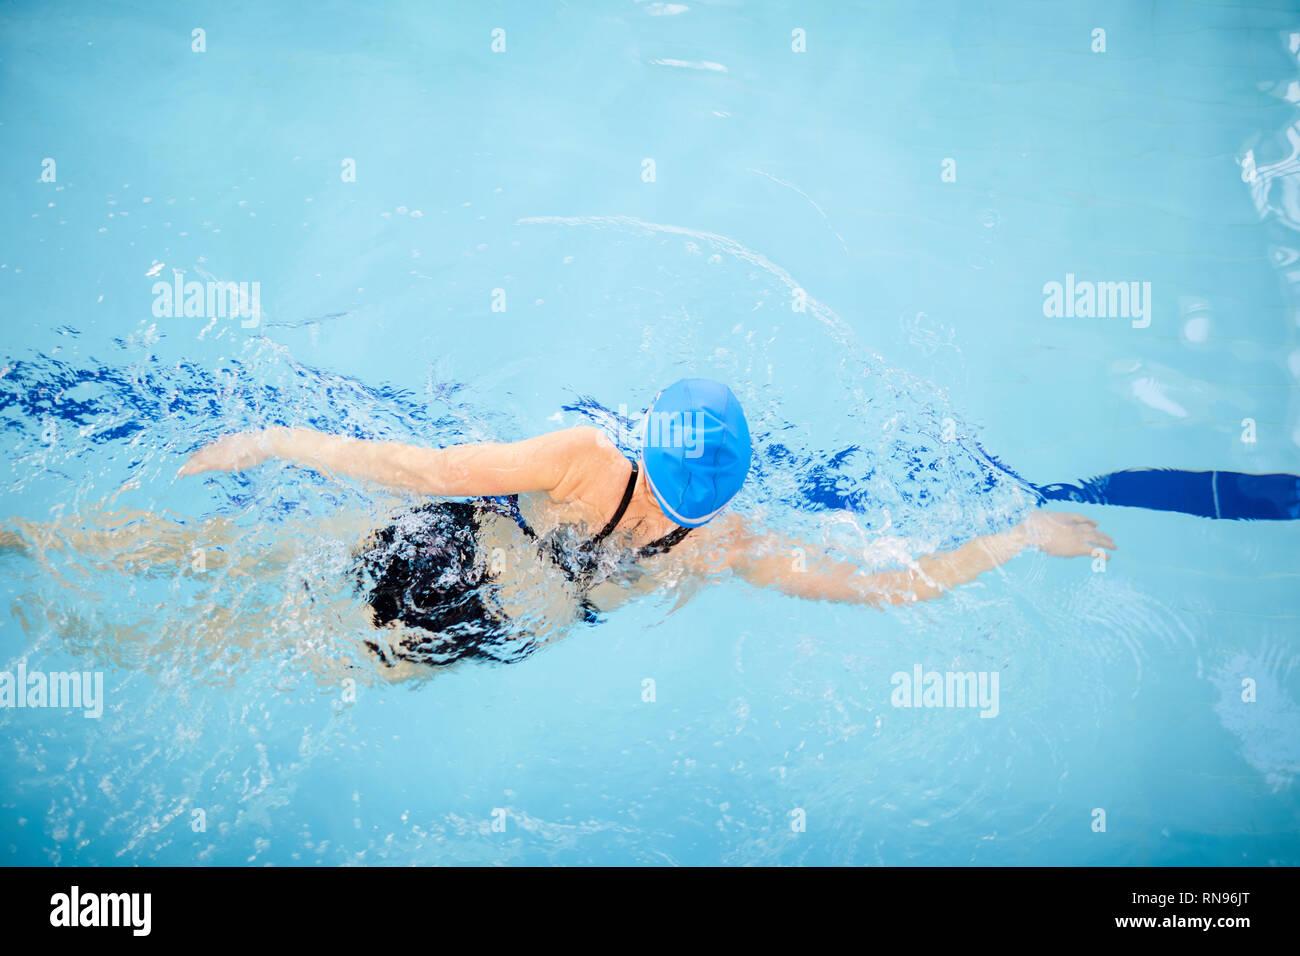 Mujer irreconocible nadar en piscina Foto de stock